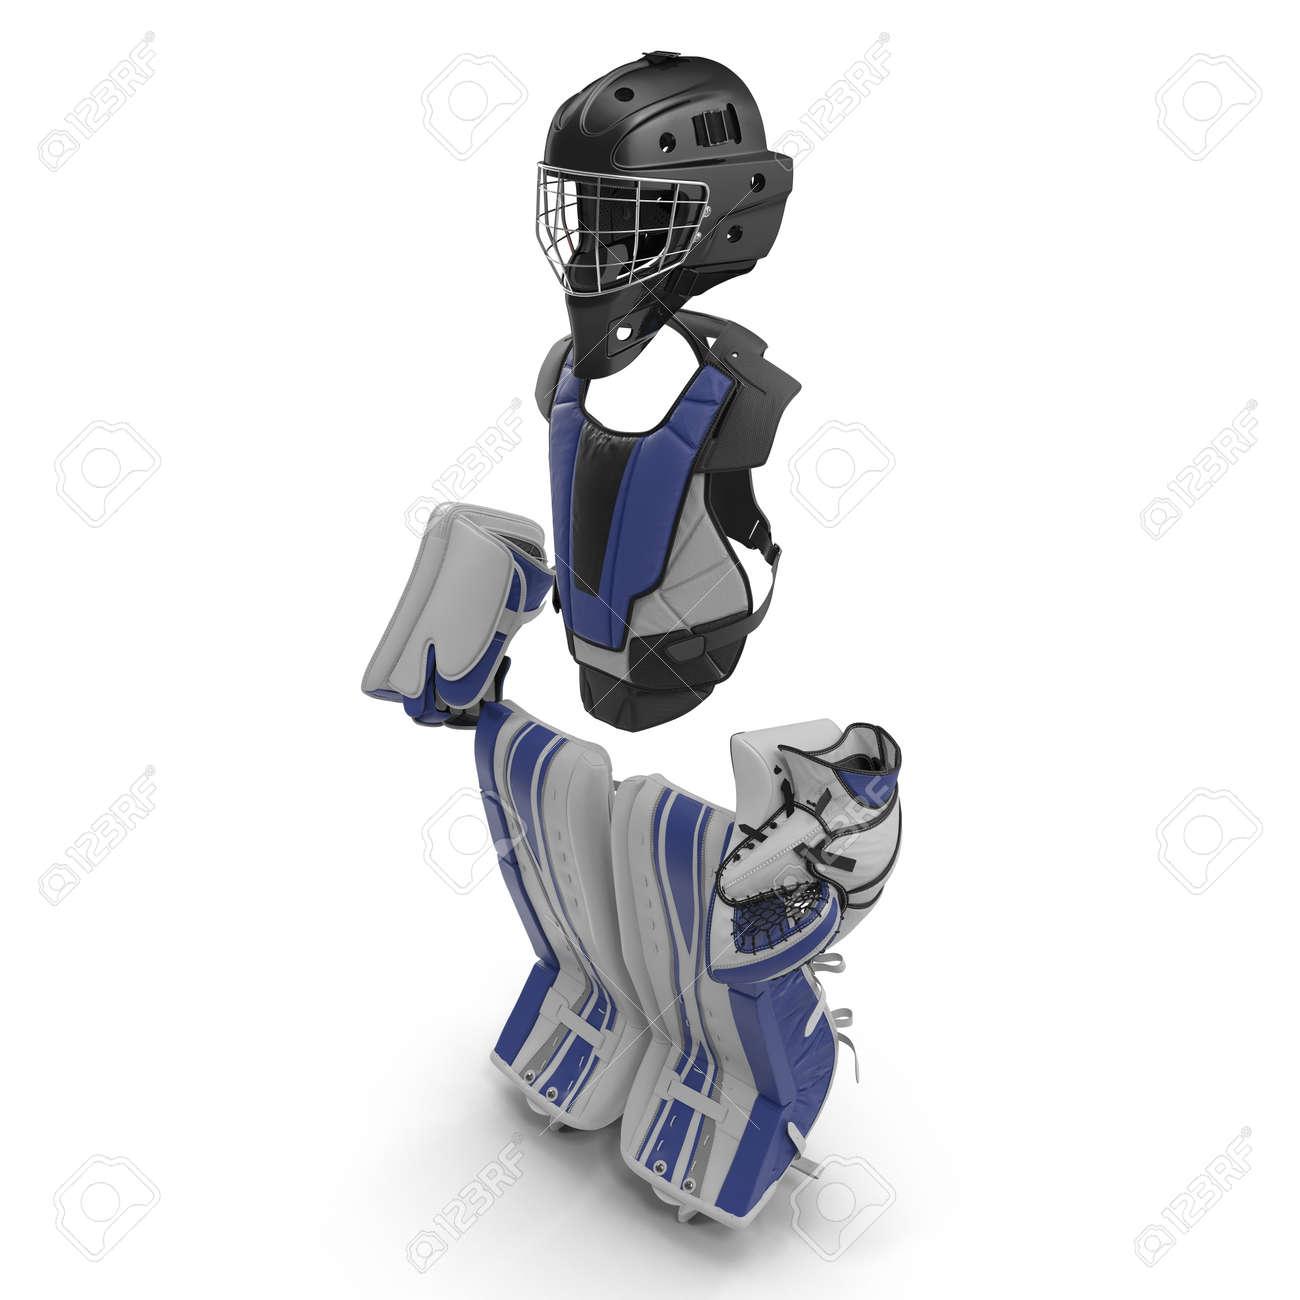 Hockey Goalie Protection Blue Kit 3d Illustration On White